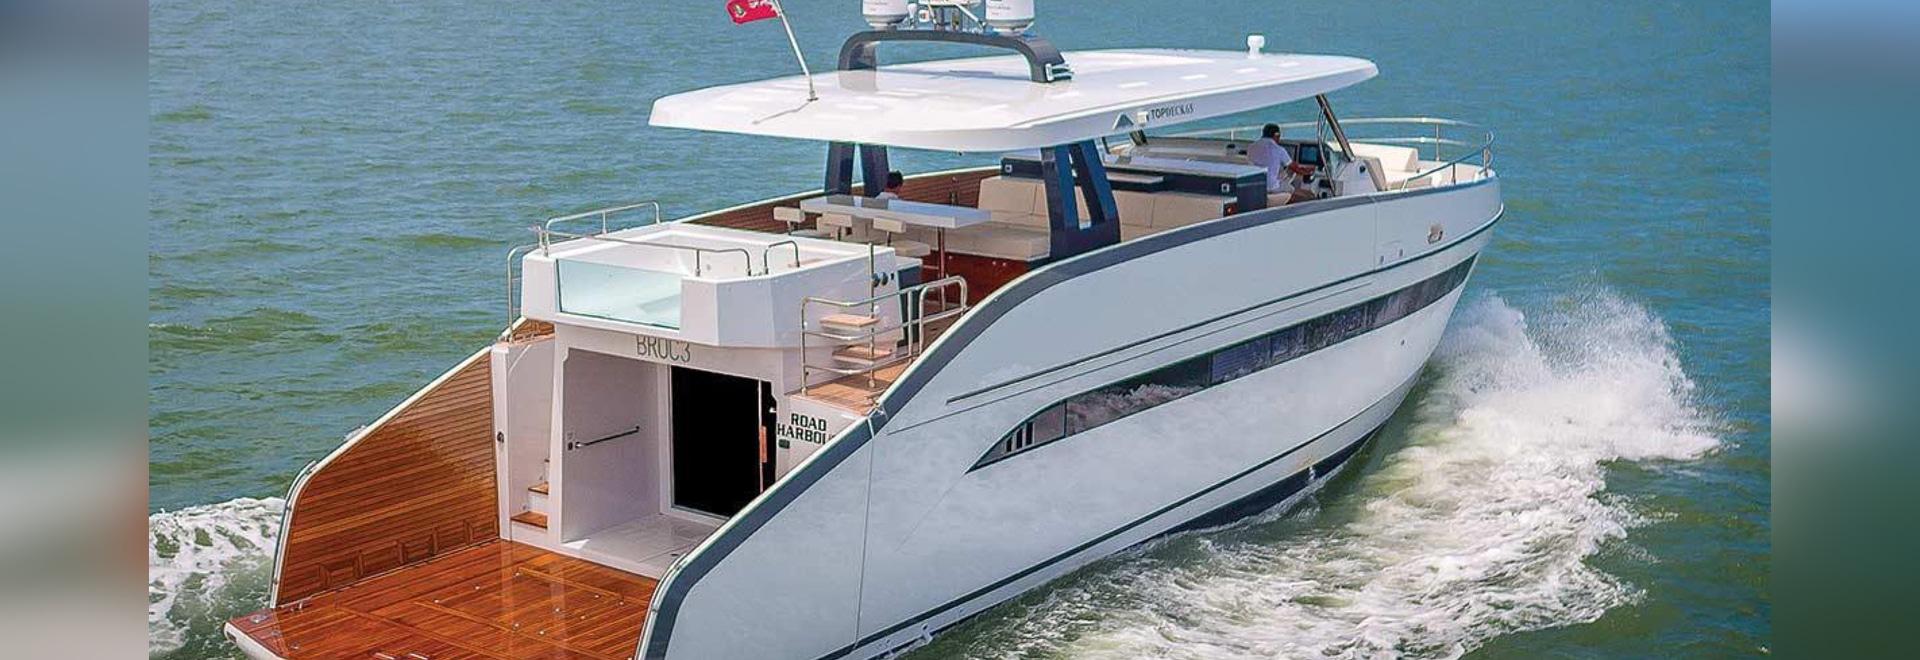 Vea el Astondoa 65 en la demostración internacional del barco del Fort Lauderdale